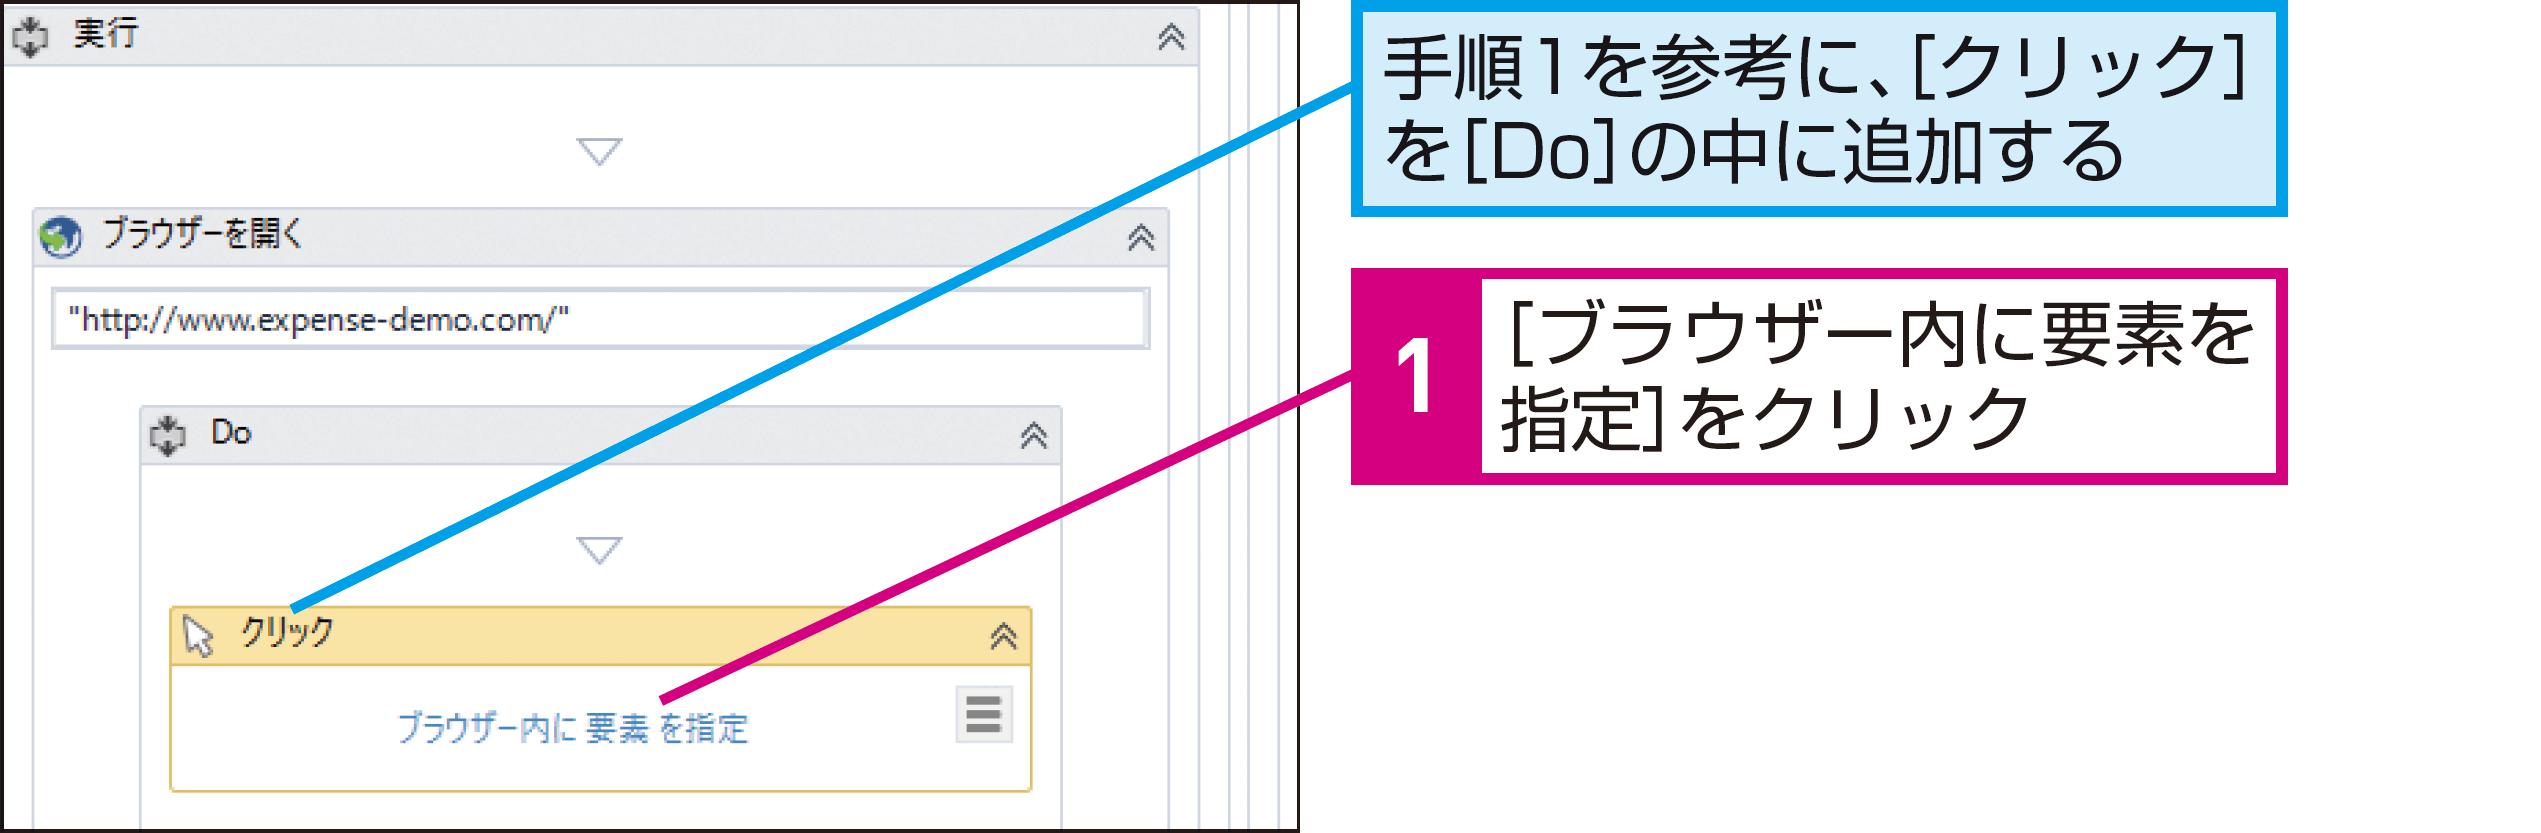 ExcelとWebアプリを自動処理するには 1(Excelファイルの読み込み) - できるUiPath